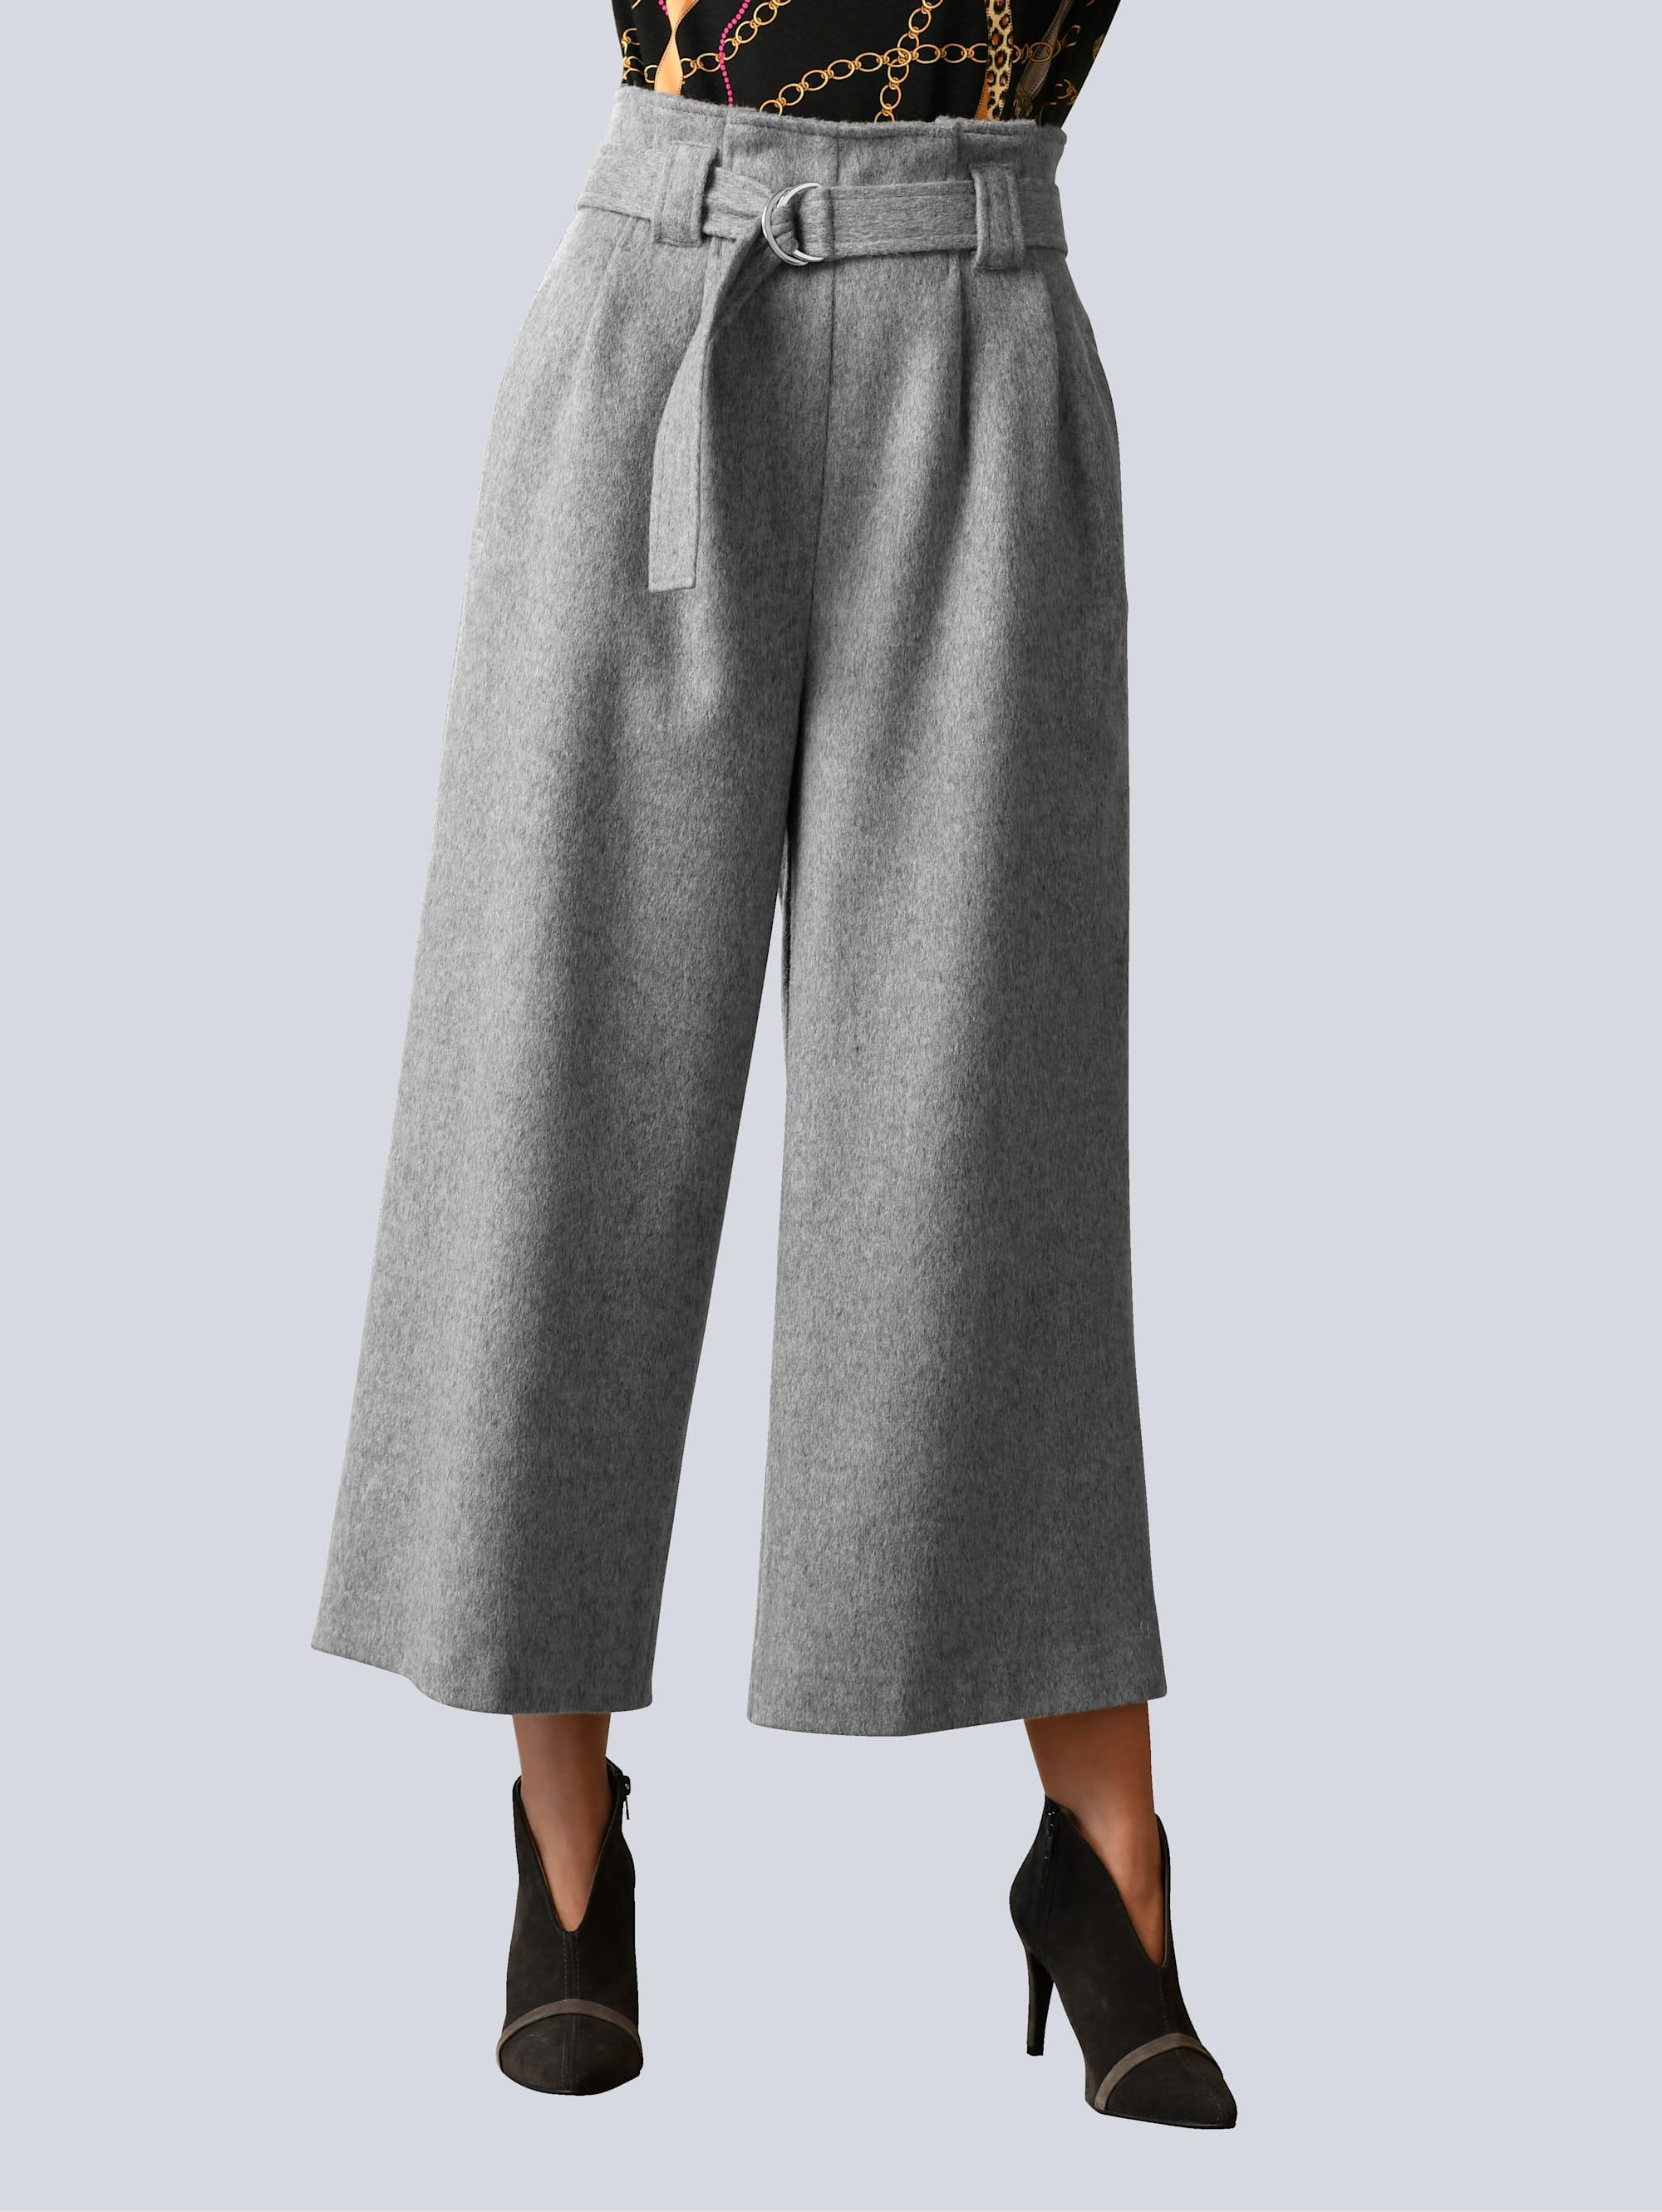 alba moda -  Culotte, ausgepflegter, leicht wolliger Ware